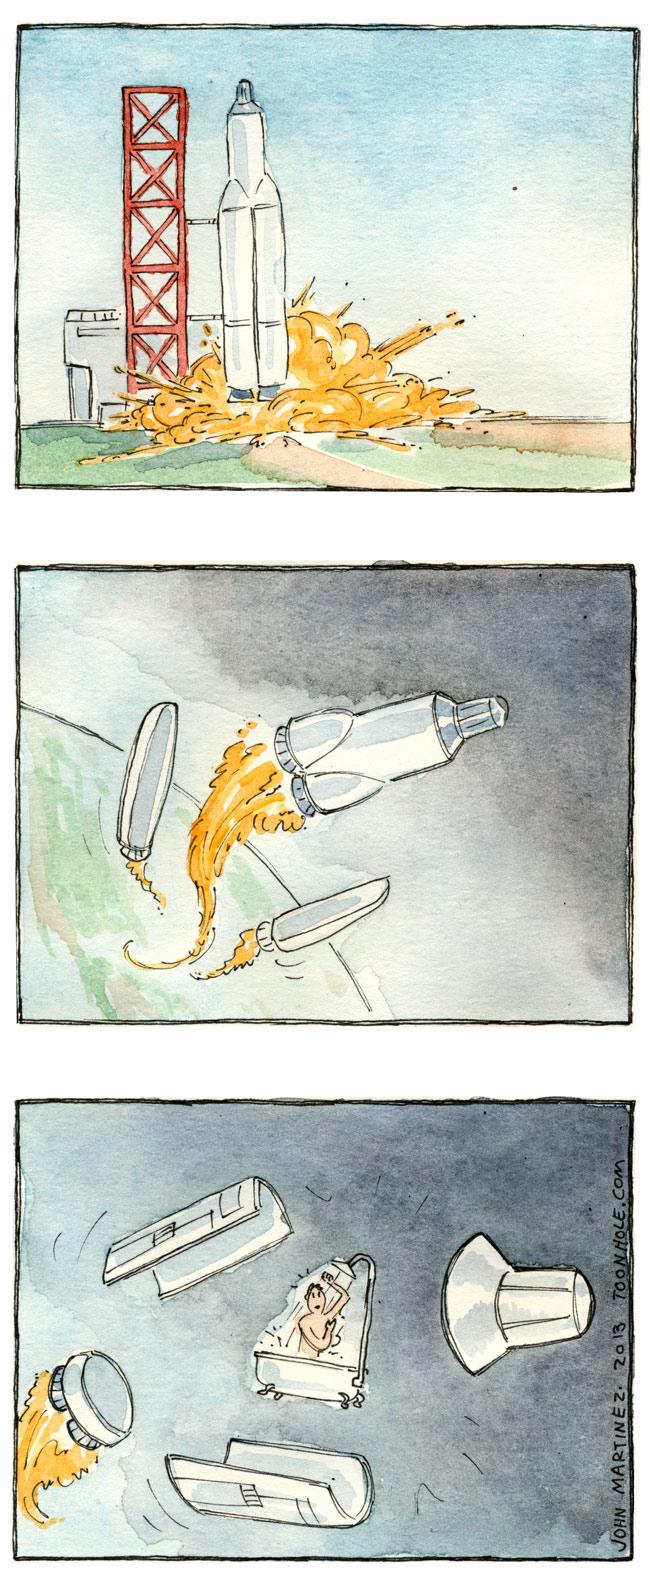 viagem-espacial